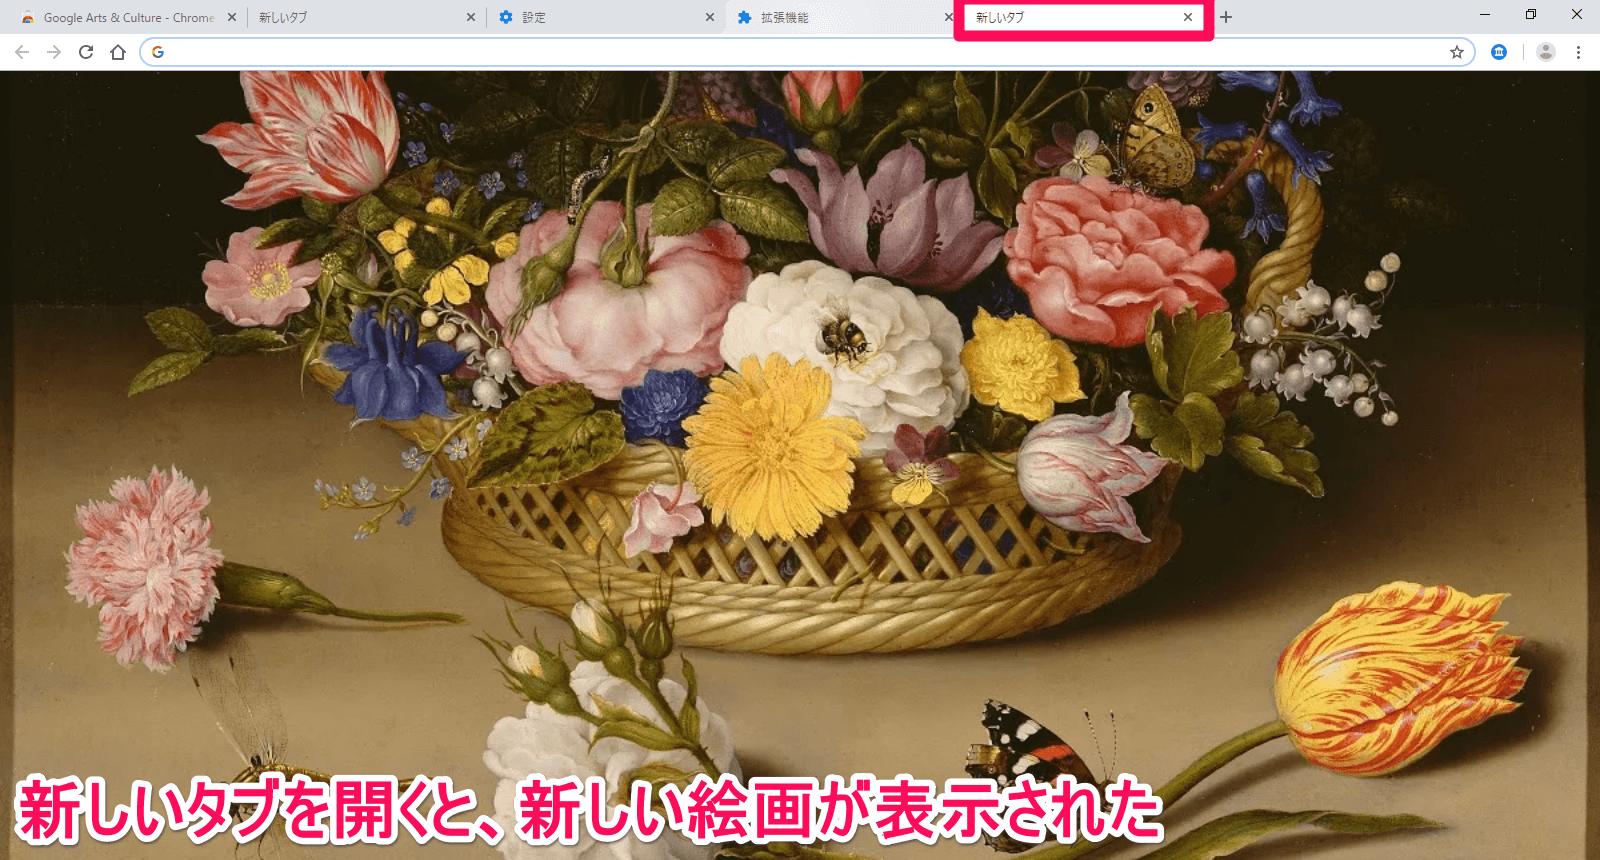 Chrome(クローム)で新しいタブを表示して作品が切り替わったことを確認する画面